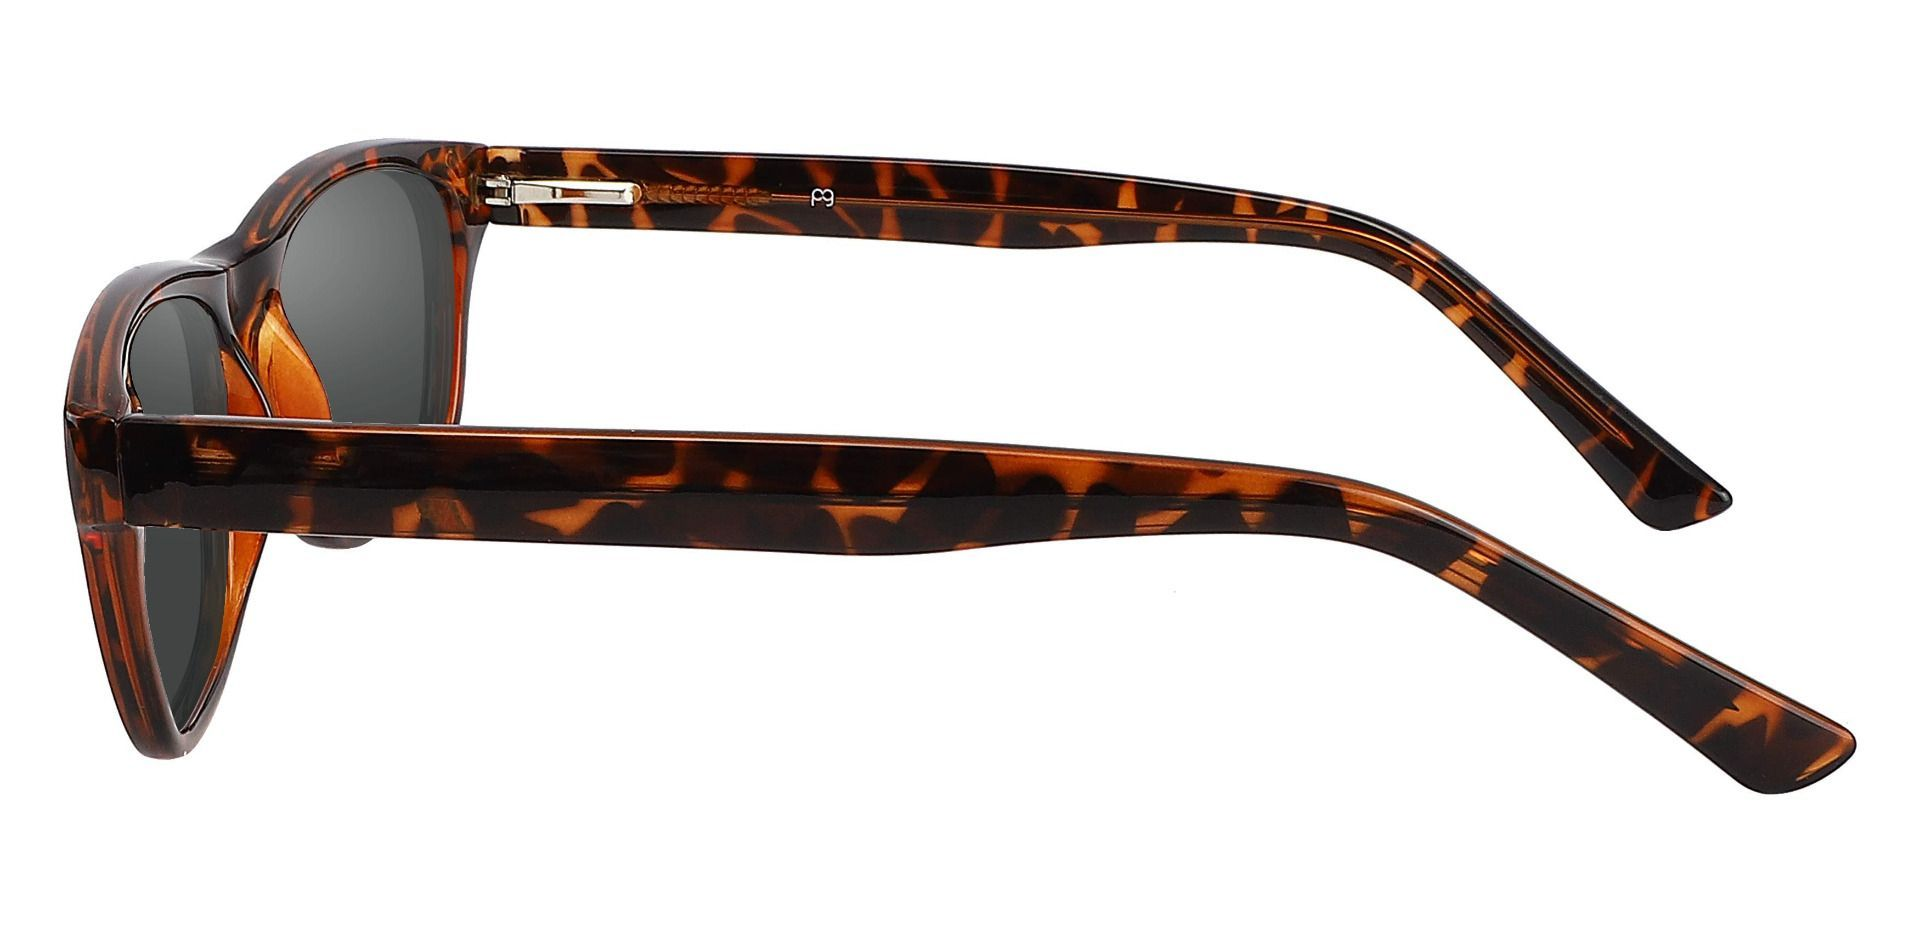 Citrus Rectangle Prescription Sunglasses - Tortoise Frame With Gray Lenses